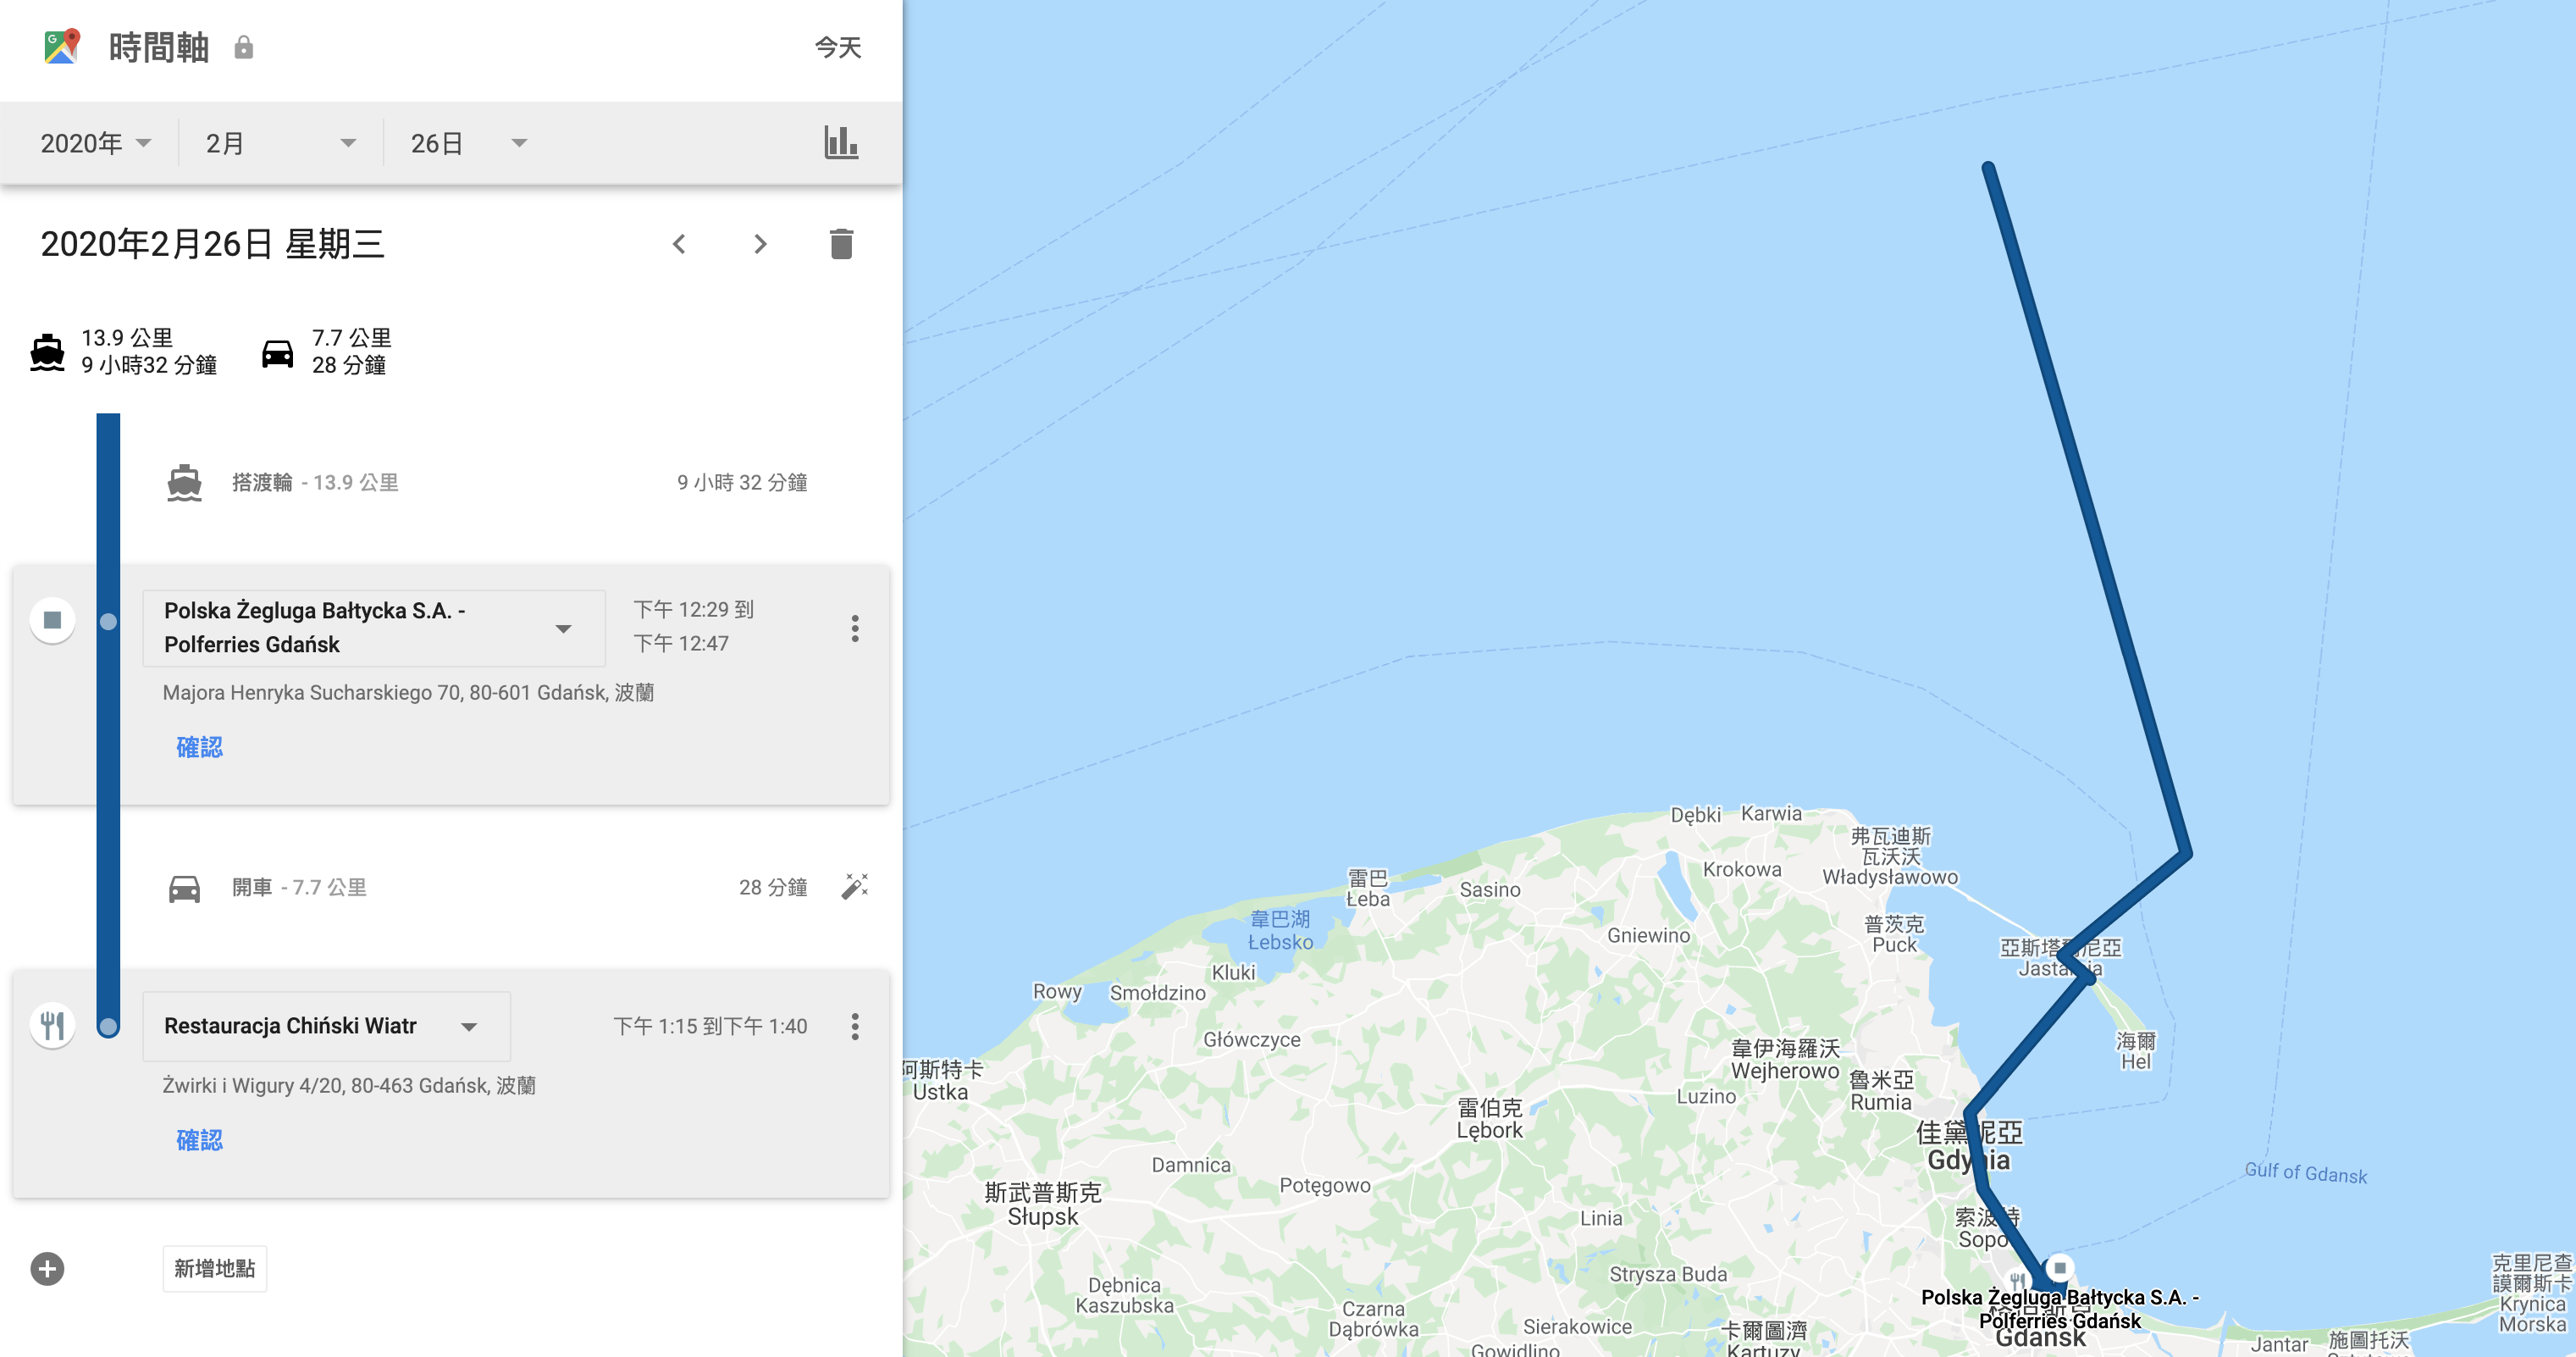 打開你的google map時間軸,自動幫你紀錄行蹤!回顧行蹤不用怕癡呆~